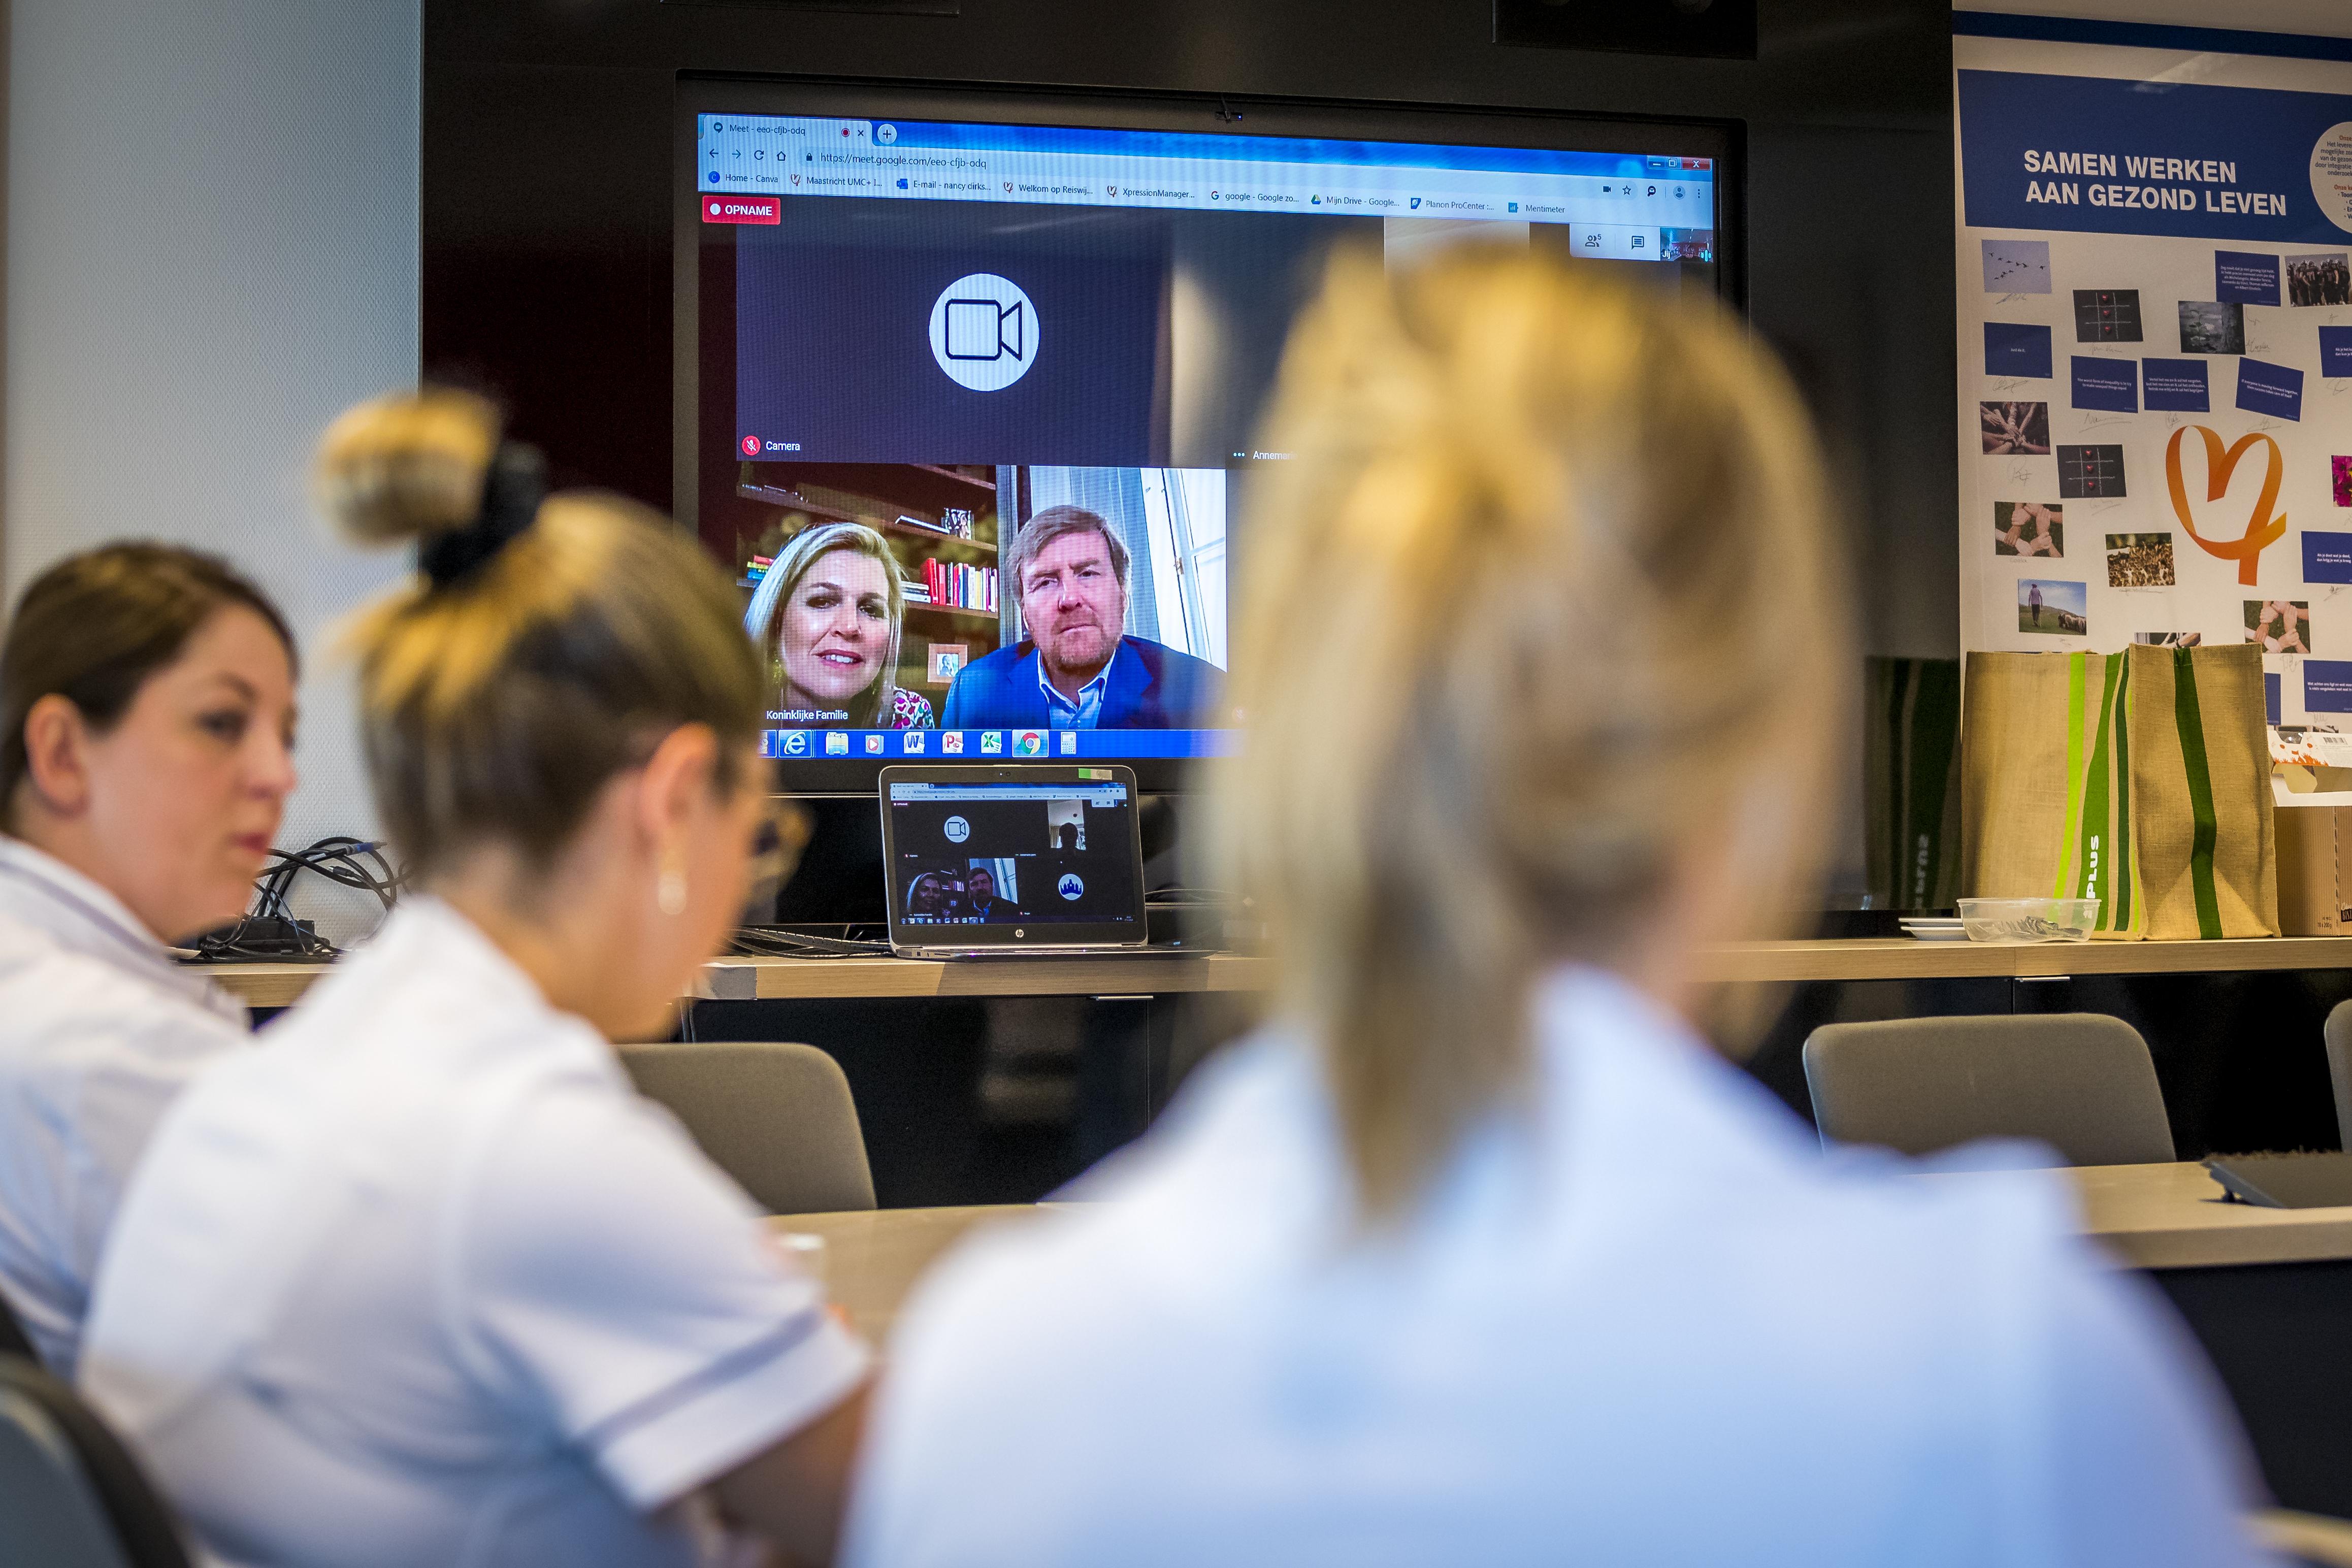 Een foto van medewerkers van Maastricht UMC die via een videoverbinding door koning Willem-Alexander werden toegesproken